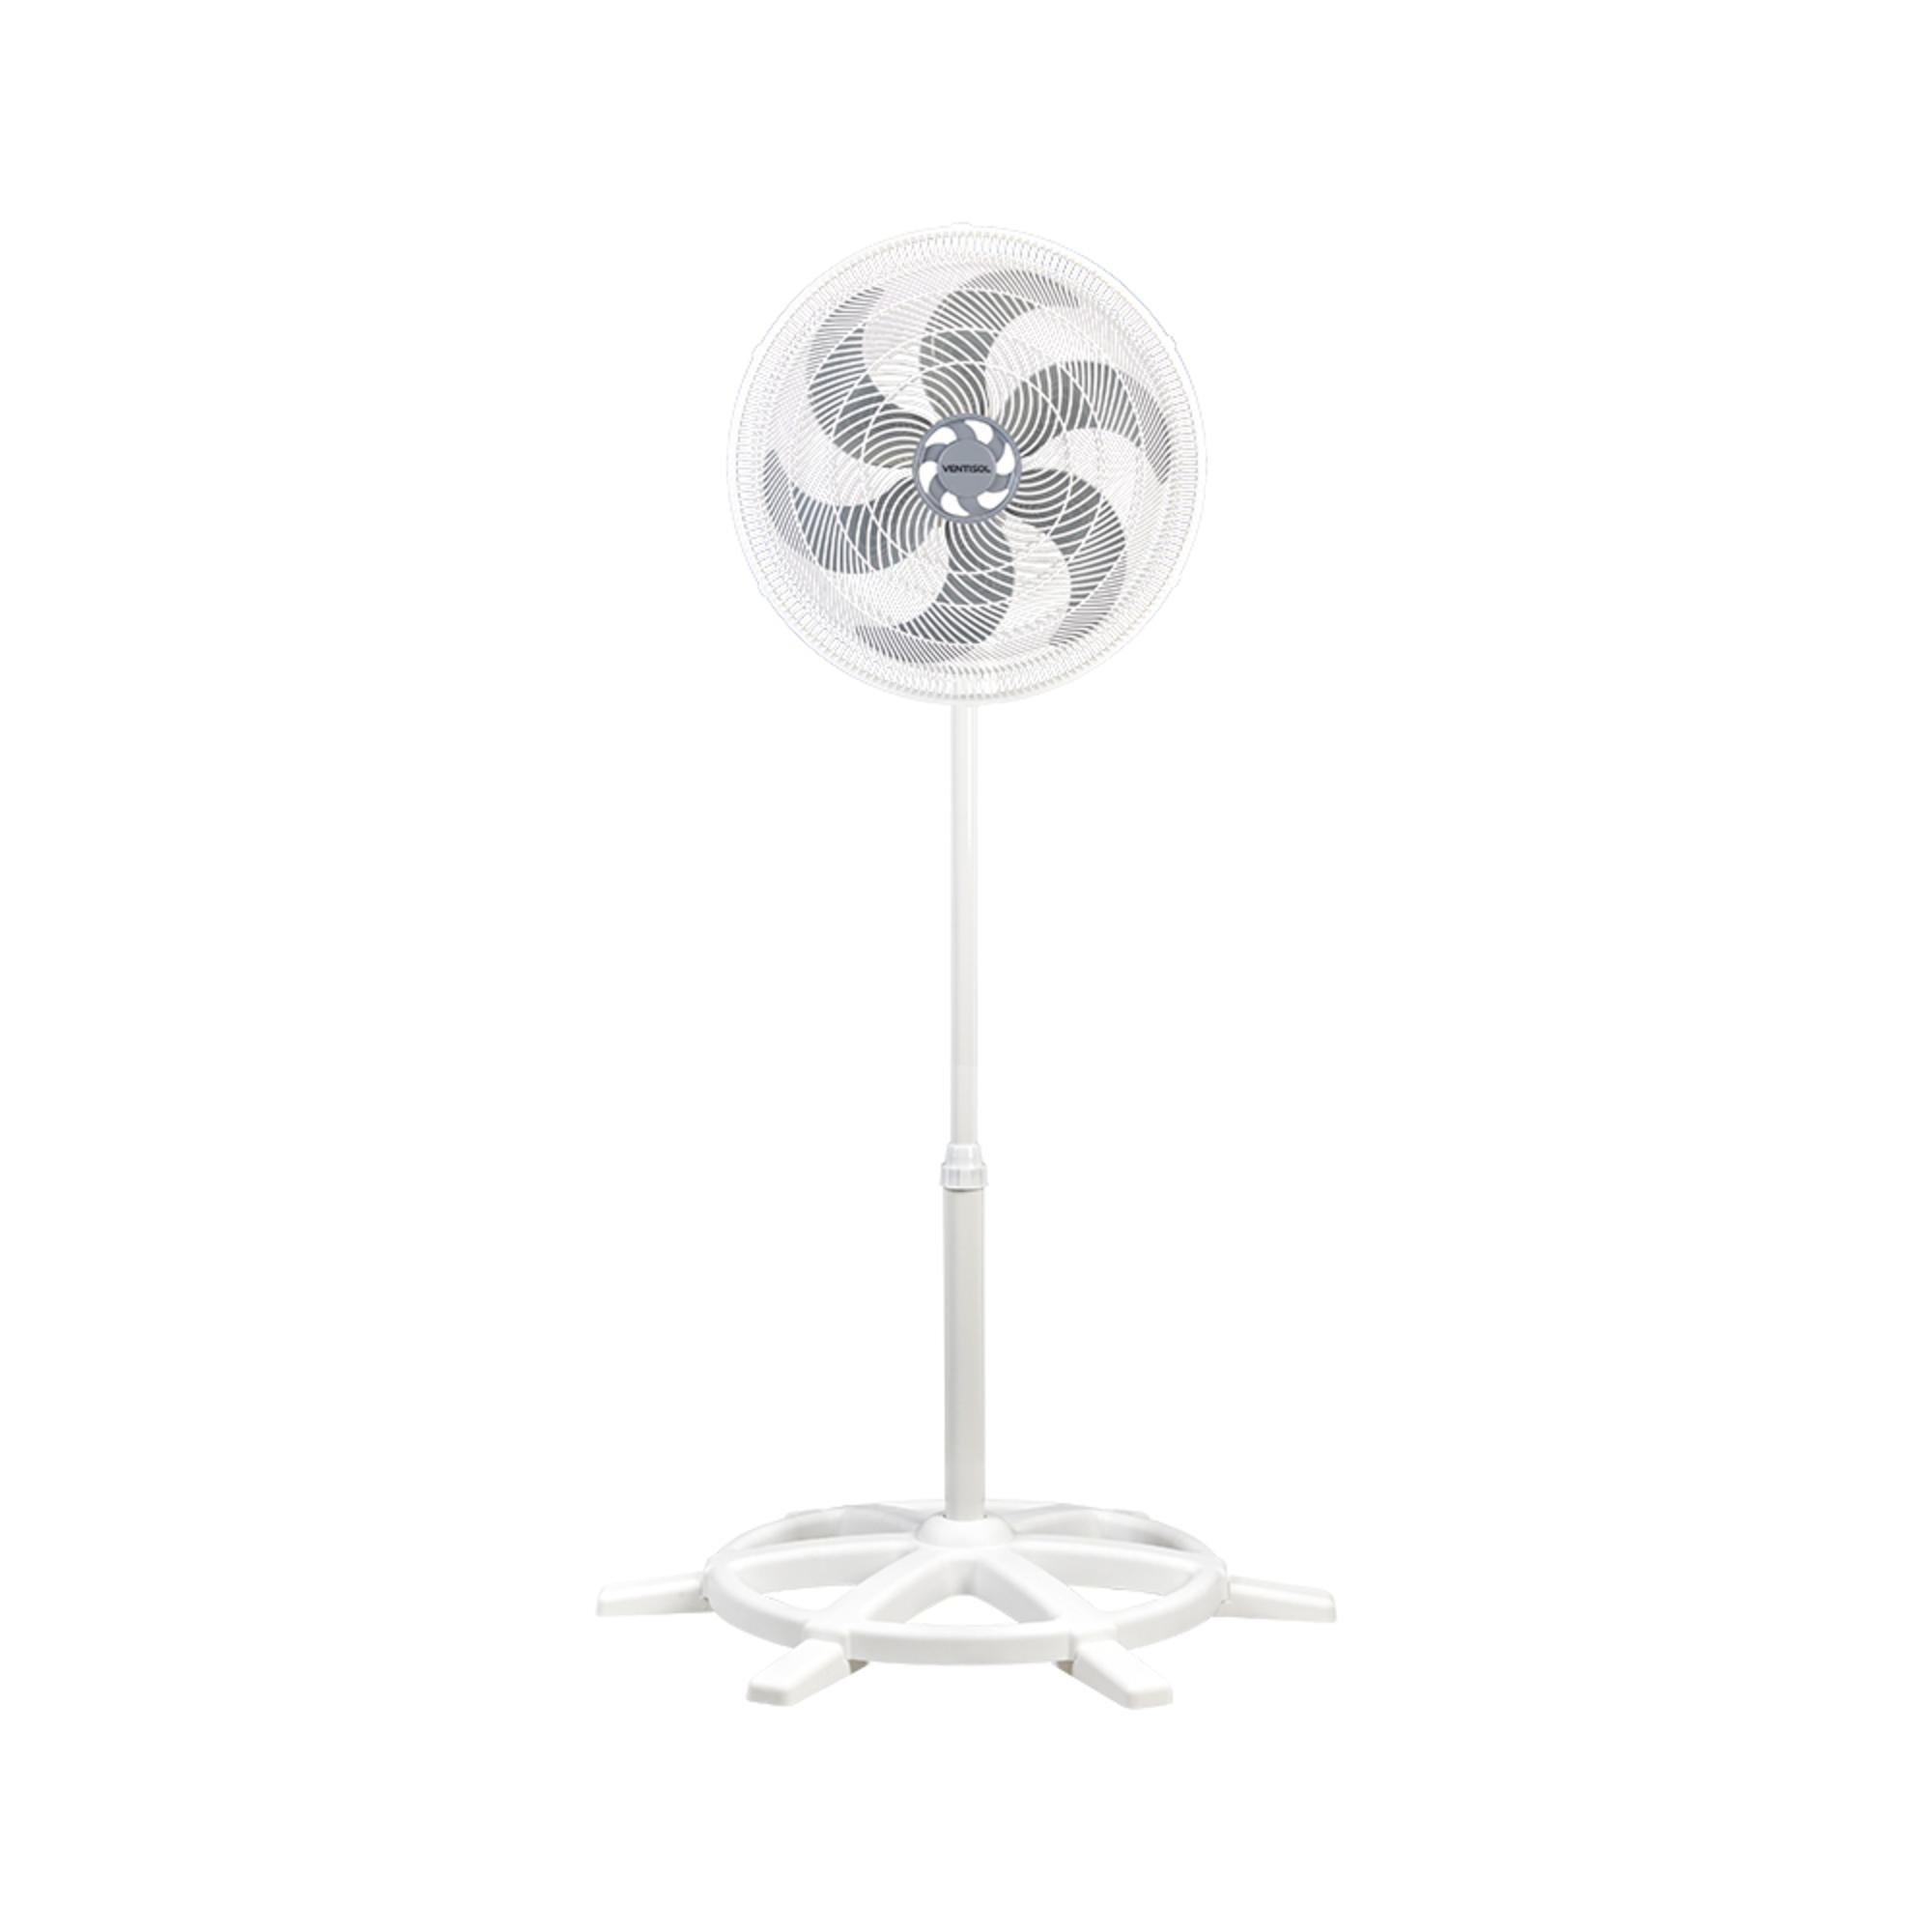 Ventilador de Coluna 40cm 127V Turbo 6 Branco VENTISOL